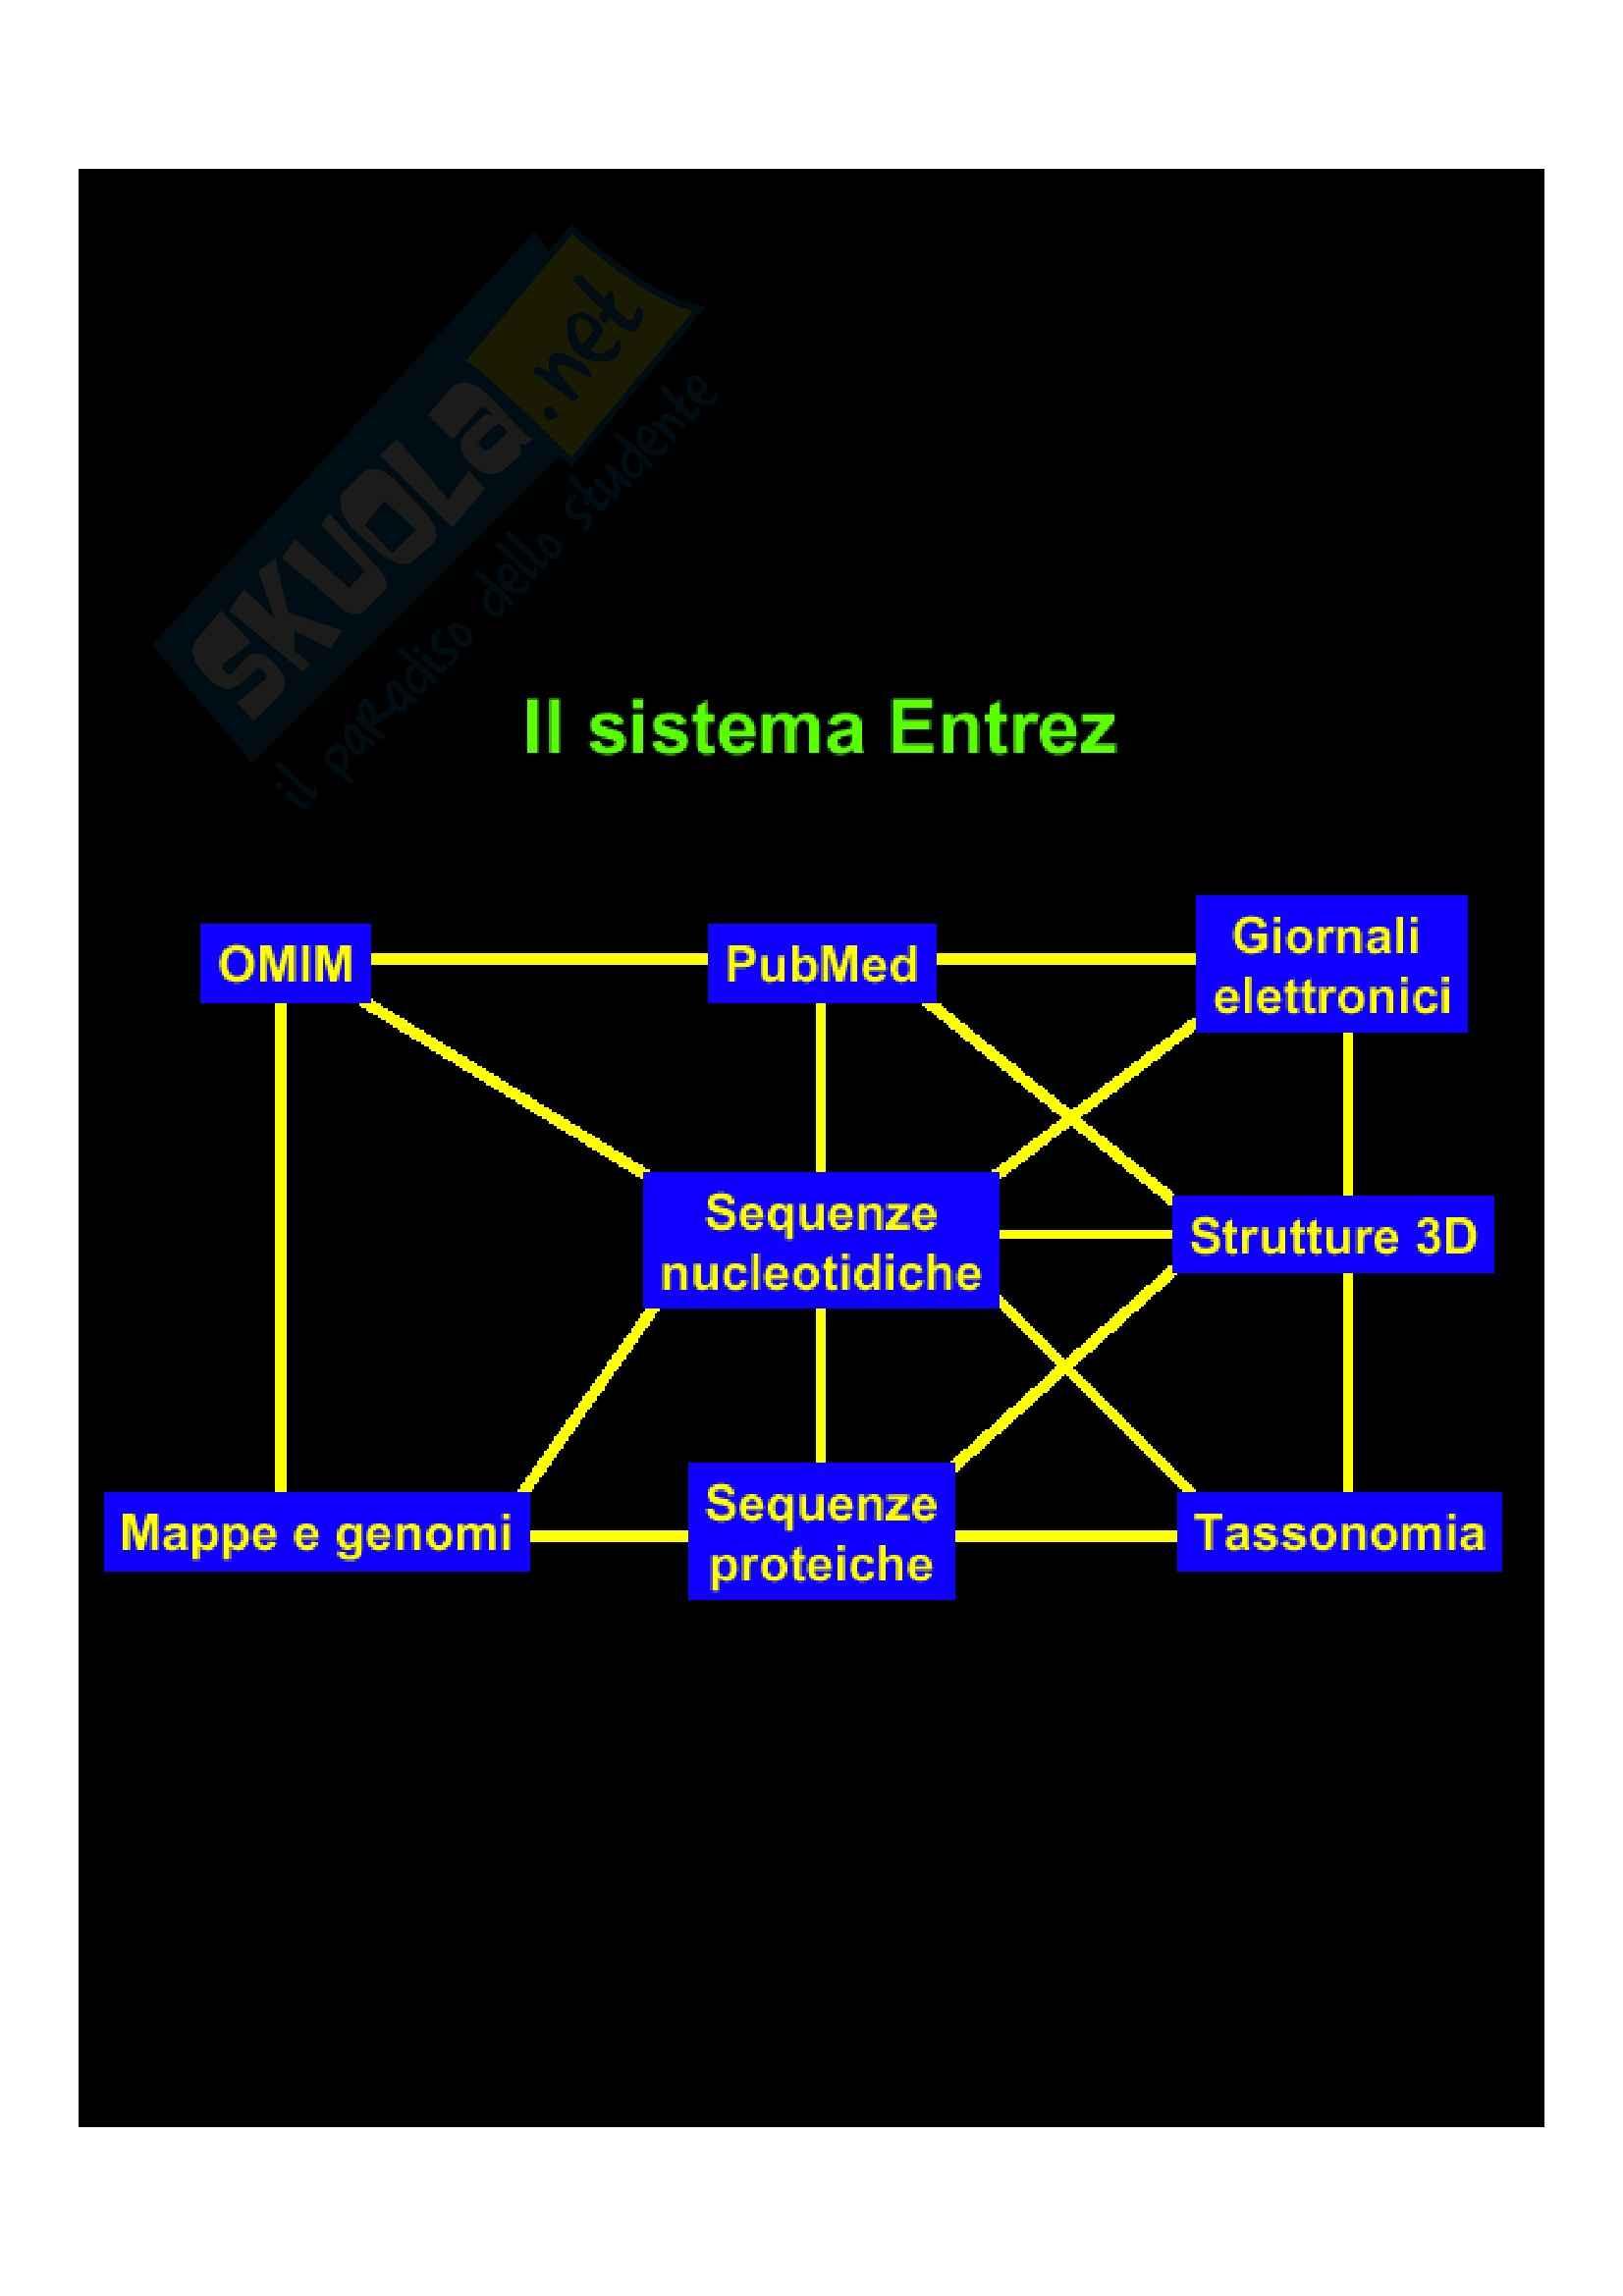 Biologia molecolare - il sistema Entrez